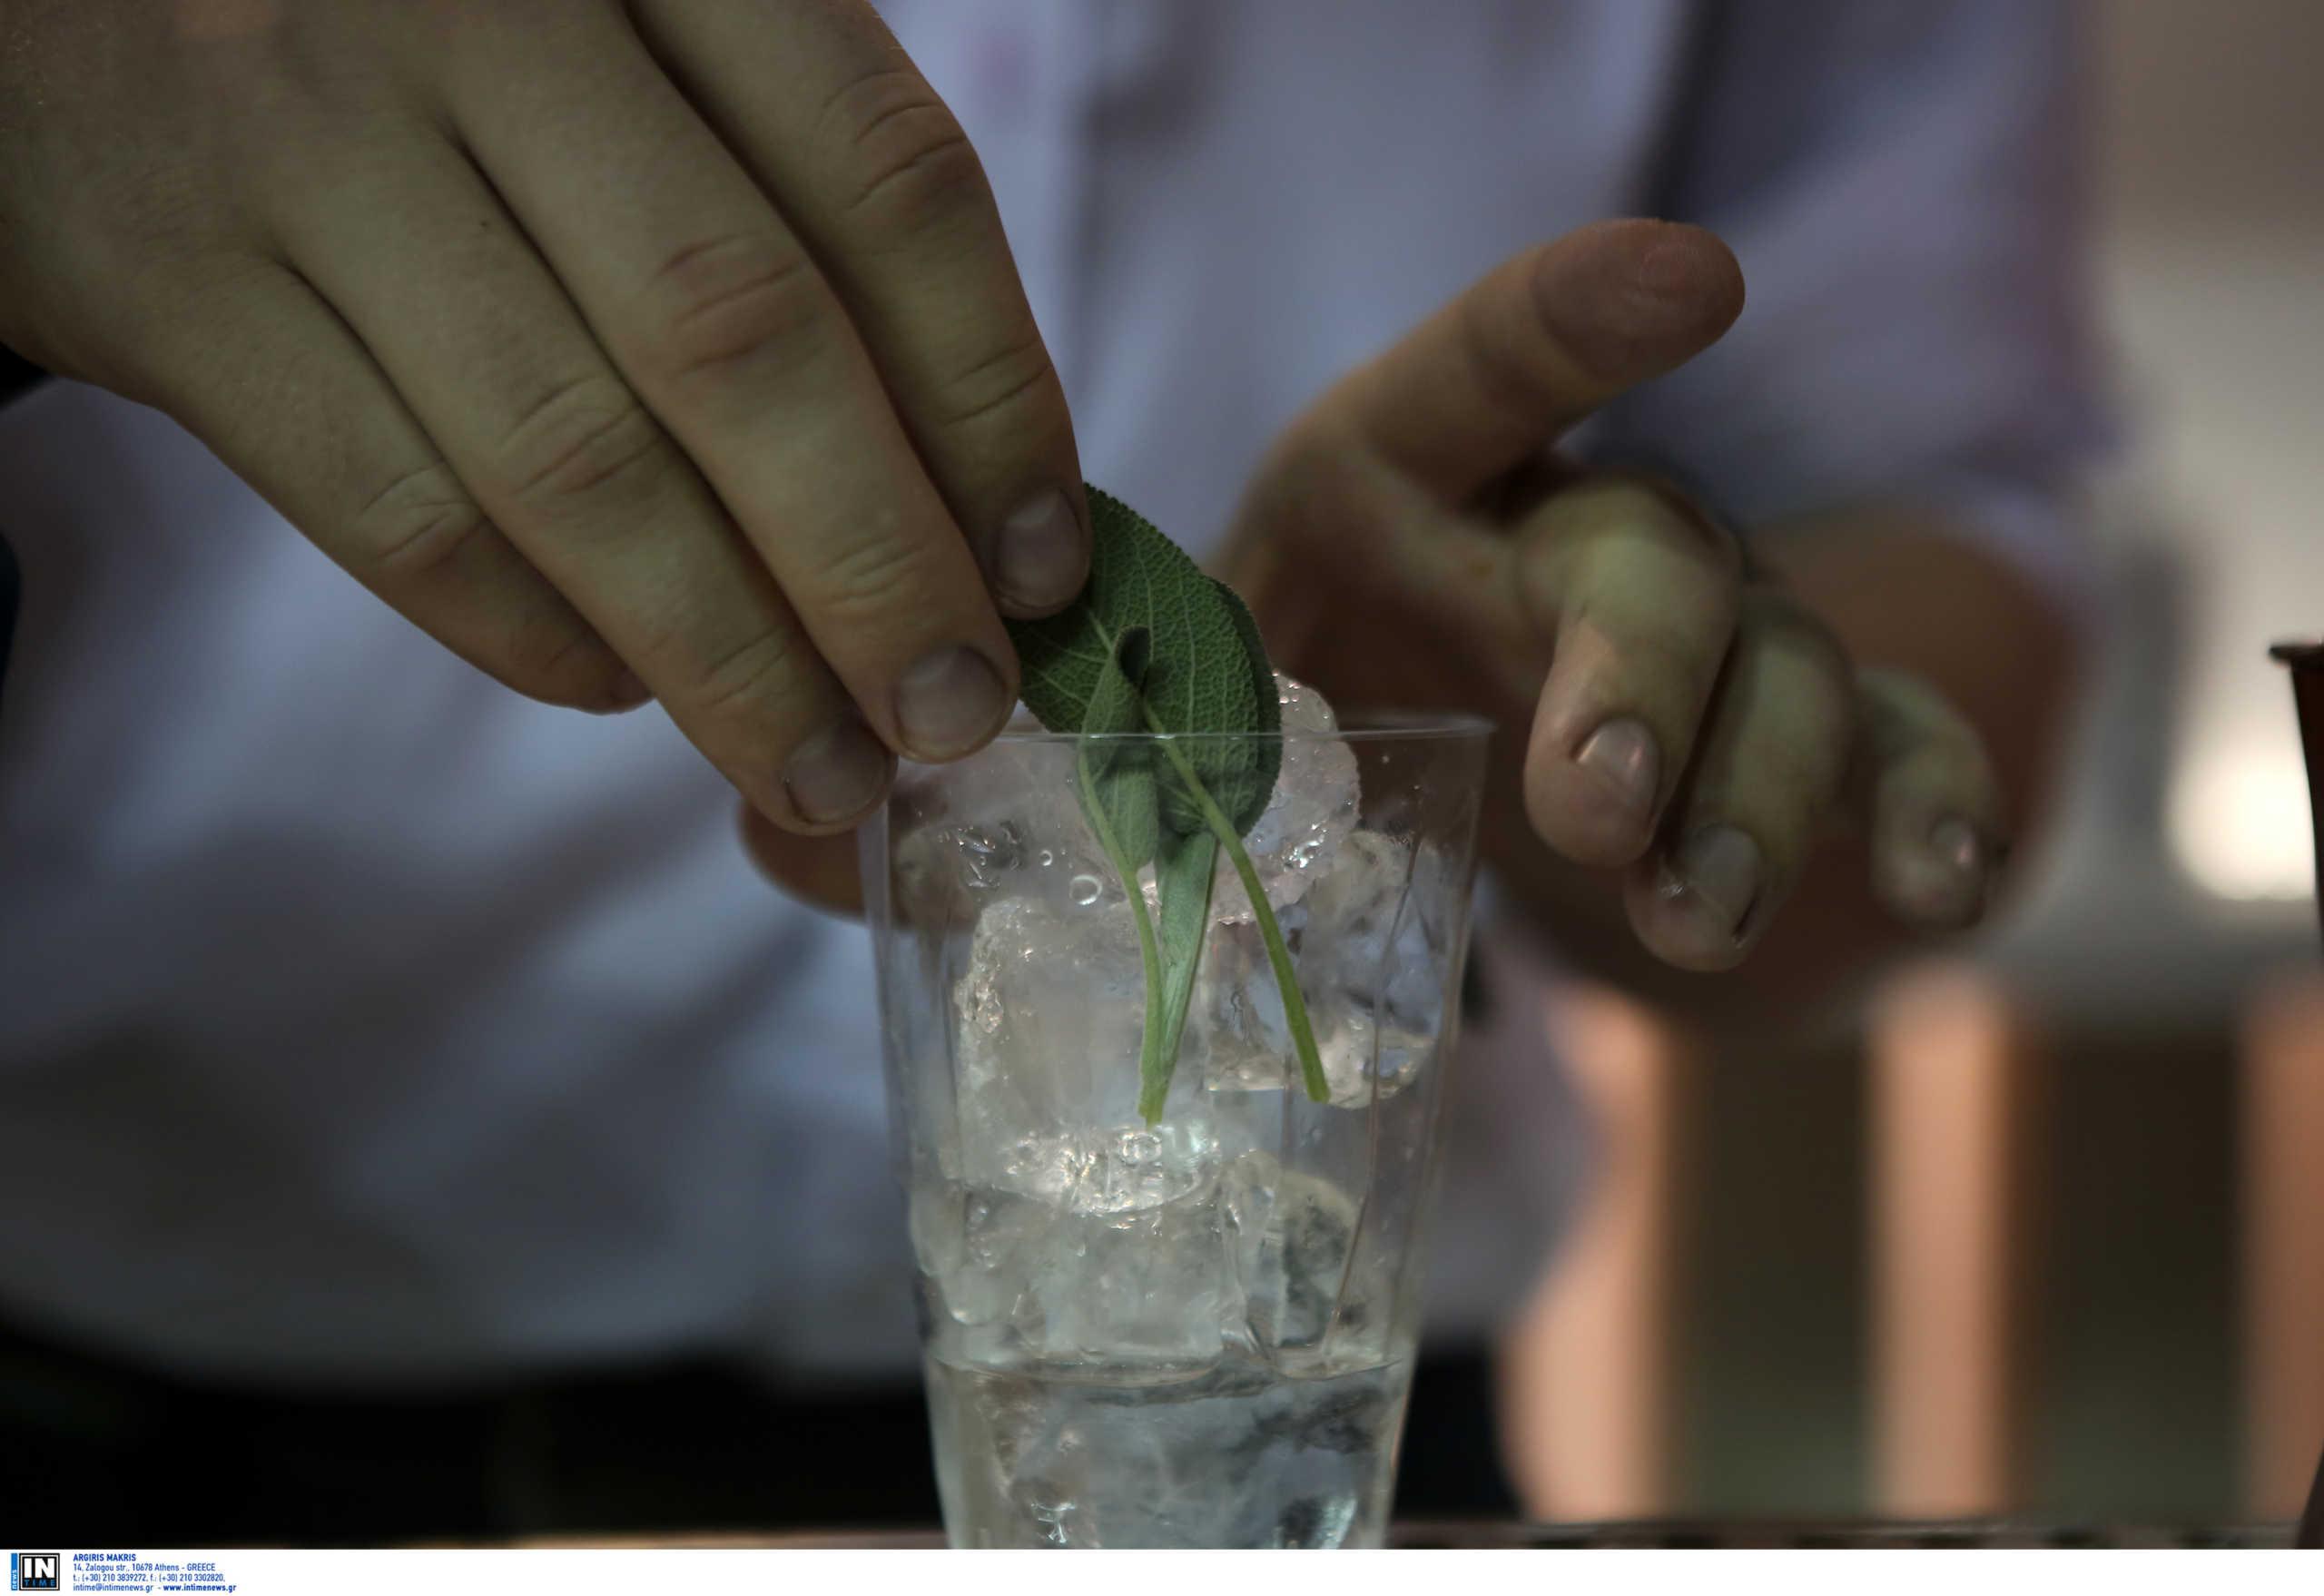 Πάτρα – Κορονοϊός: Ο σώζων εαυτόν σωθήτω σε πάρτι 25 ατόμων σε αυλή σπιτιού! Σκηνές απείρου κάλλους